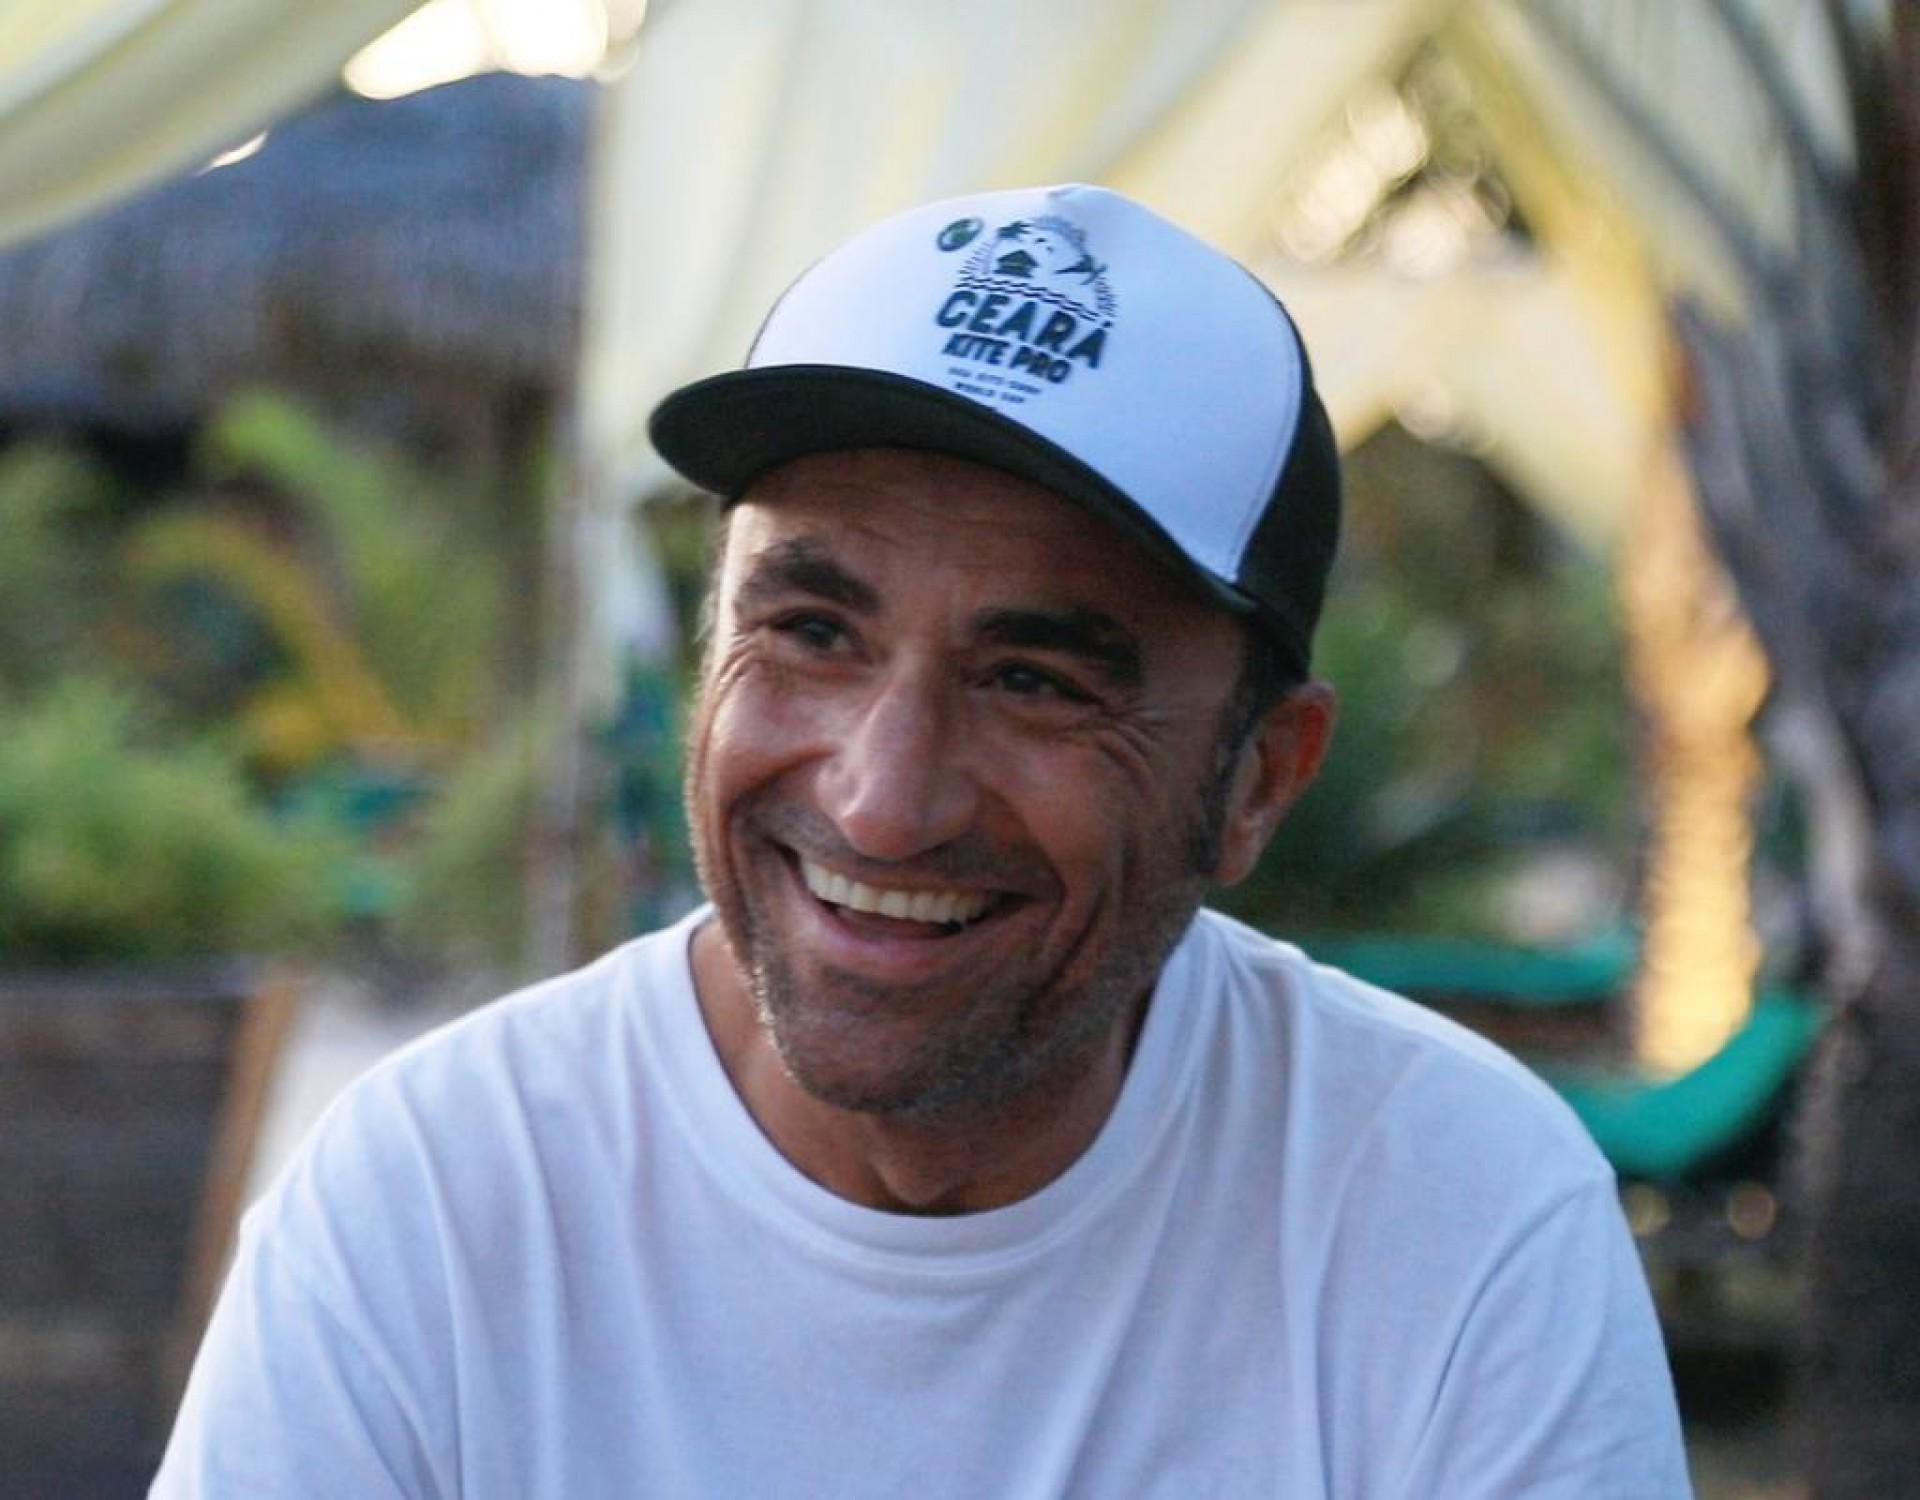 Marco Dalpozzo deixou emprego em empresa multinacional para morar em Jericoacoara, se tornou sócios de pousadas e proporciona estrutura adequada para velejadores do mundo inteiro